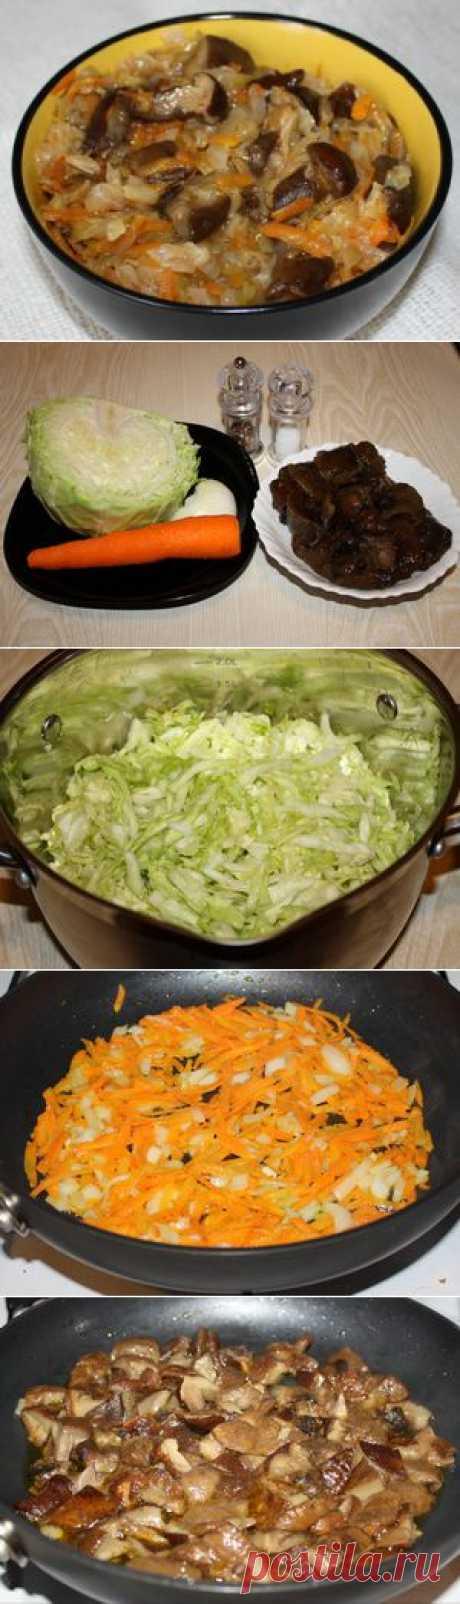 Капустная солянка с грибами | Банк кулинарных рецептов